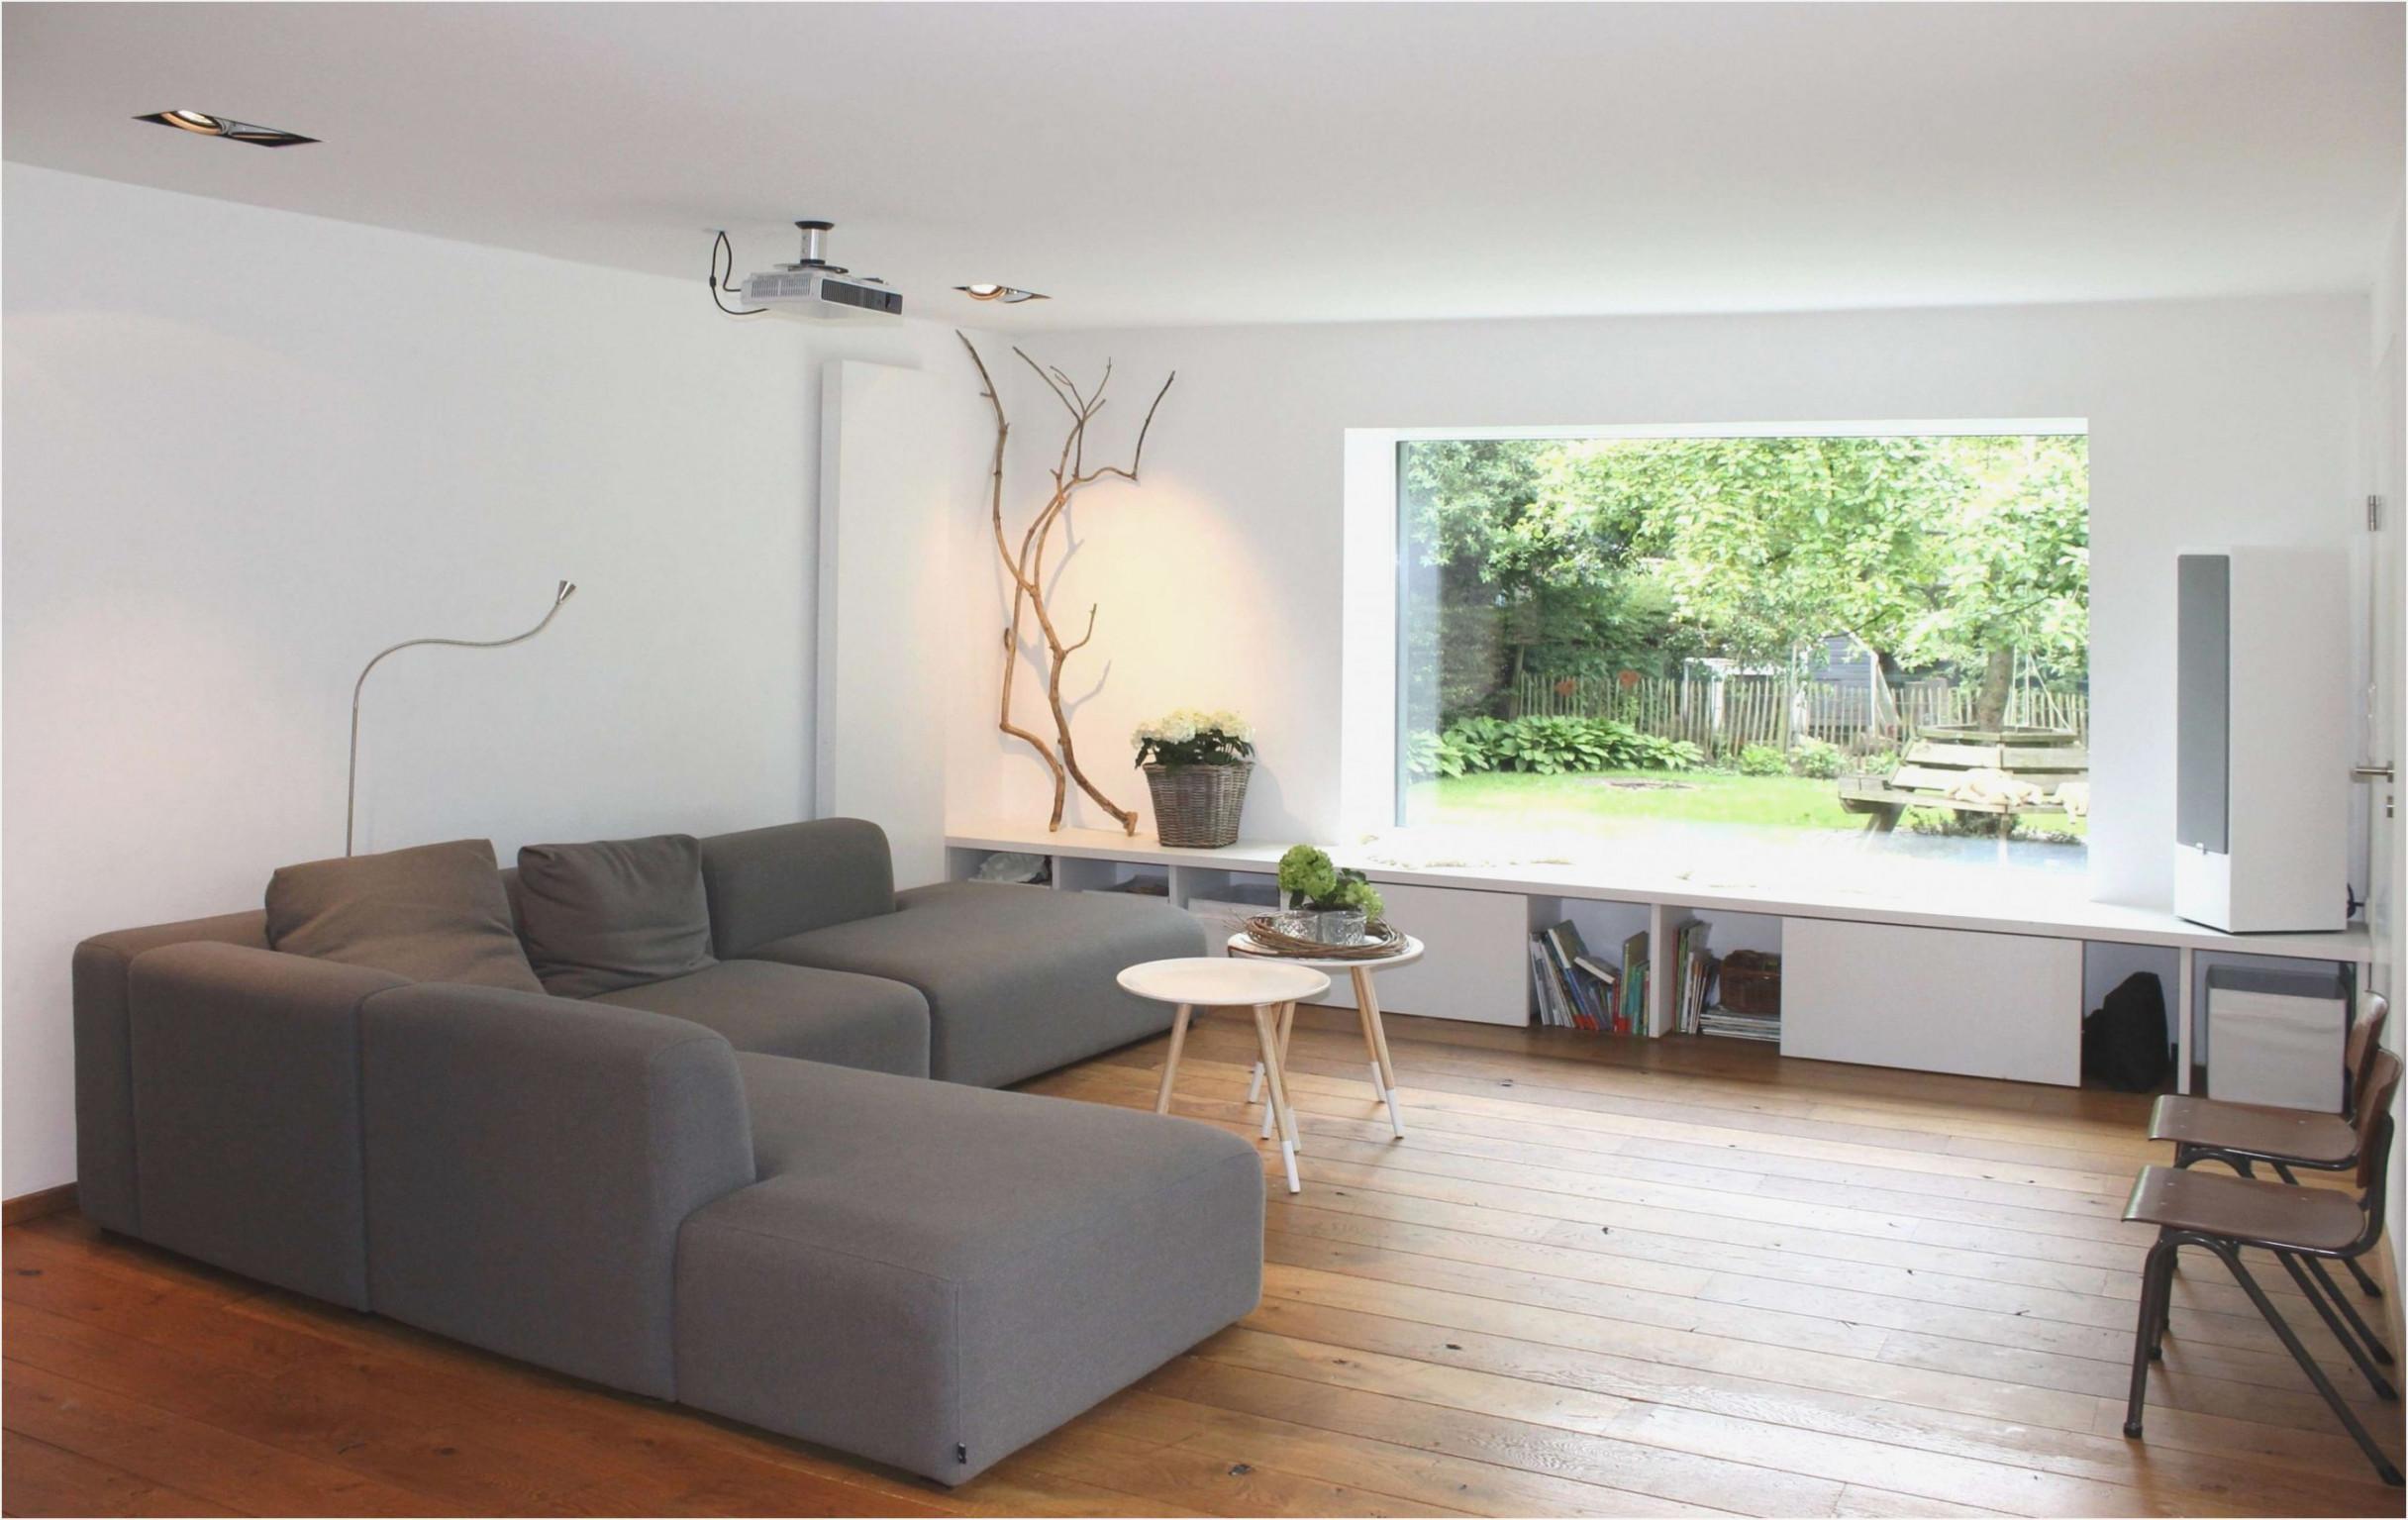 bett im wohnzimmer clevere wohnzimmer ideen wohnzimmer traumhaus dekoration of bett im wohnzimmer